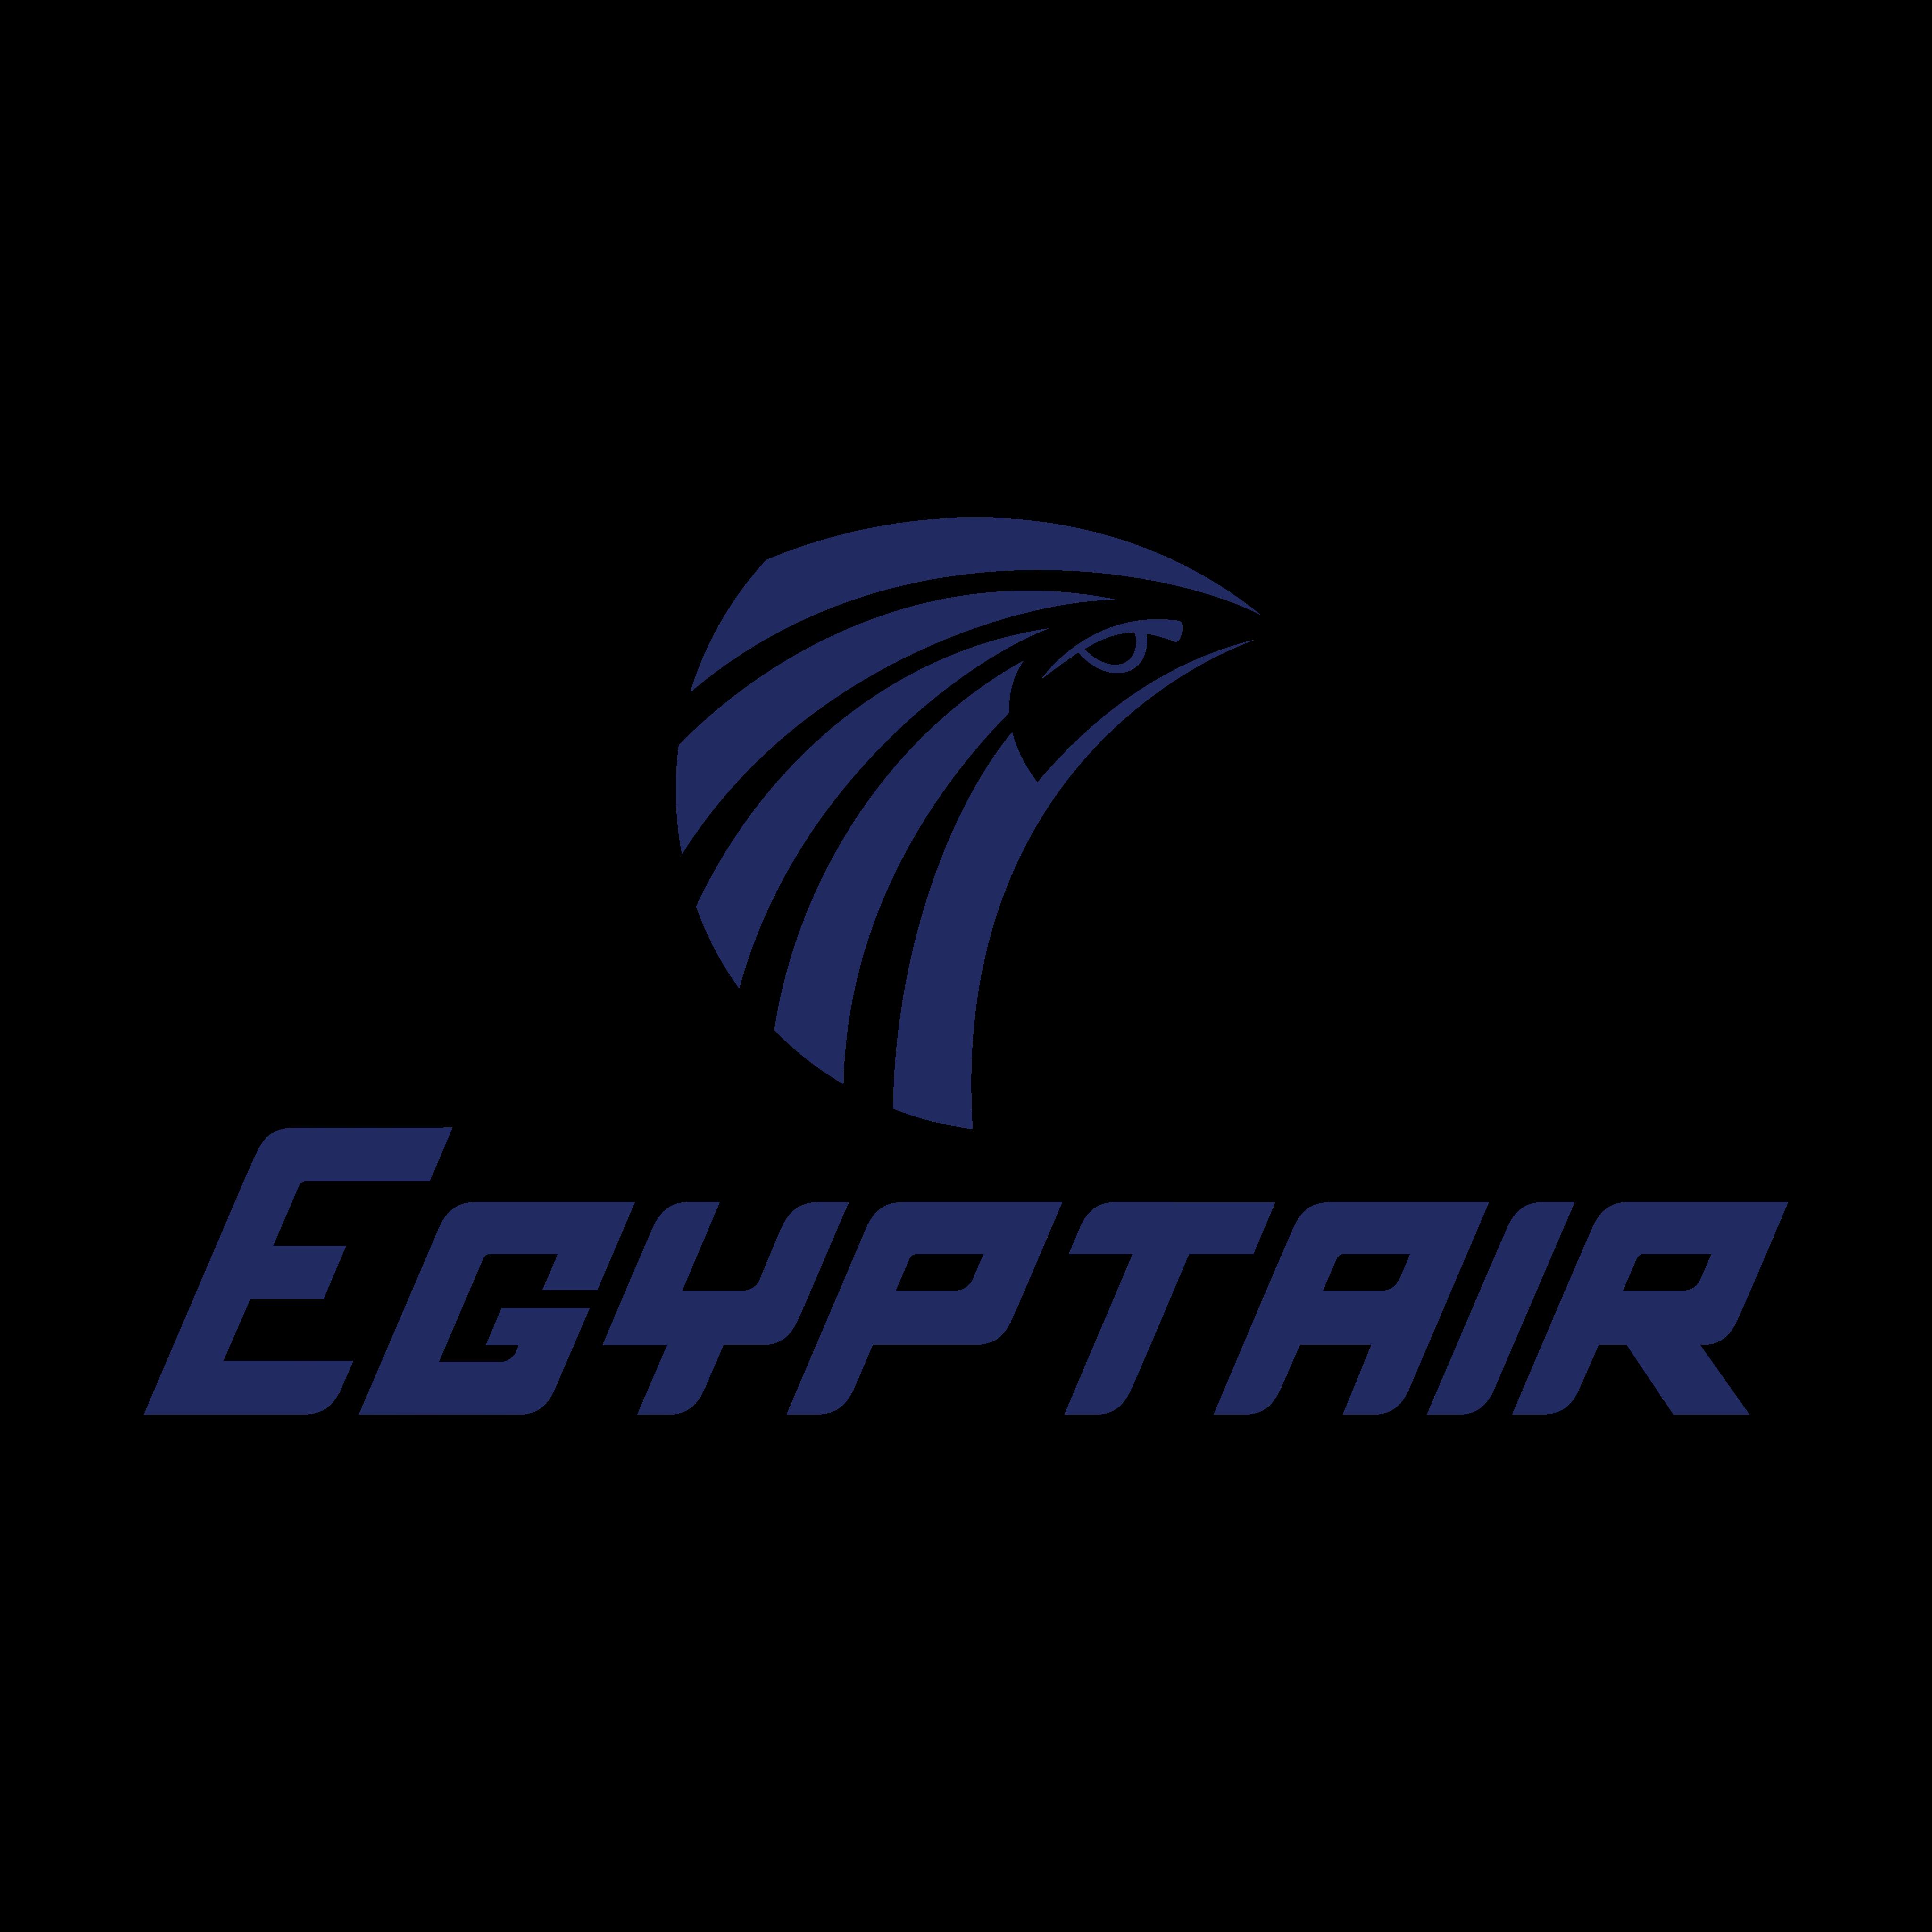 egyptair logo 0 - Egyptair logo